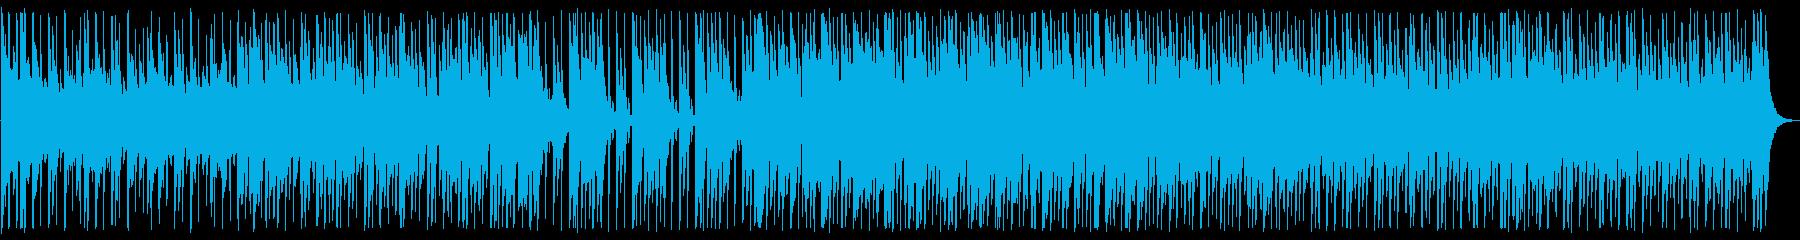 爽やか/ポップス_No596_2の再生済みの波形